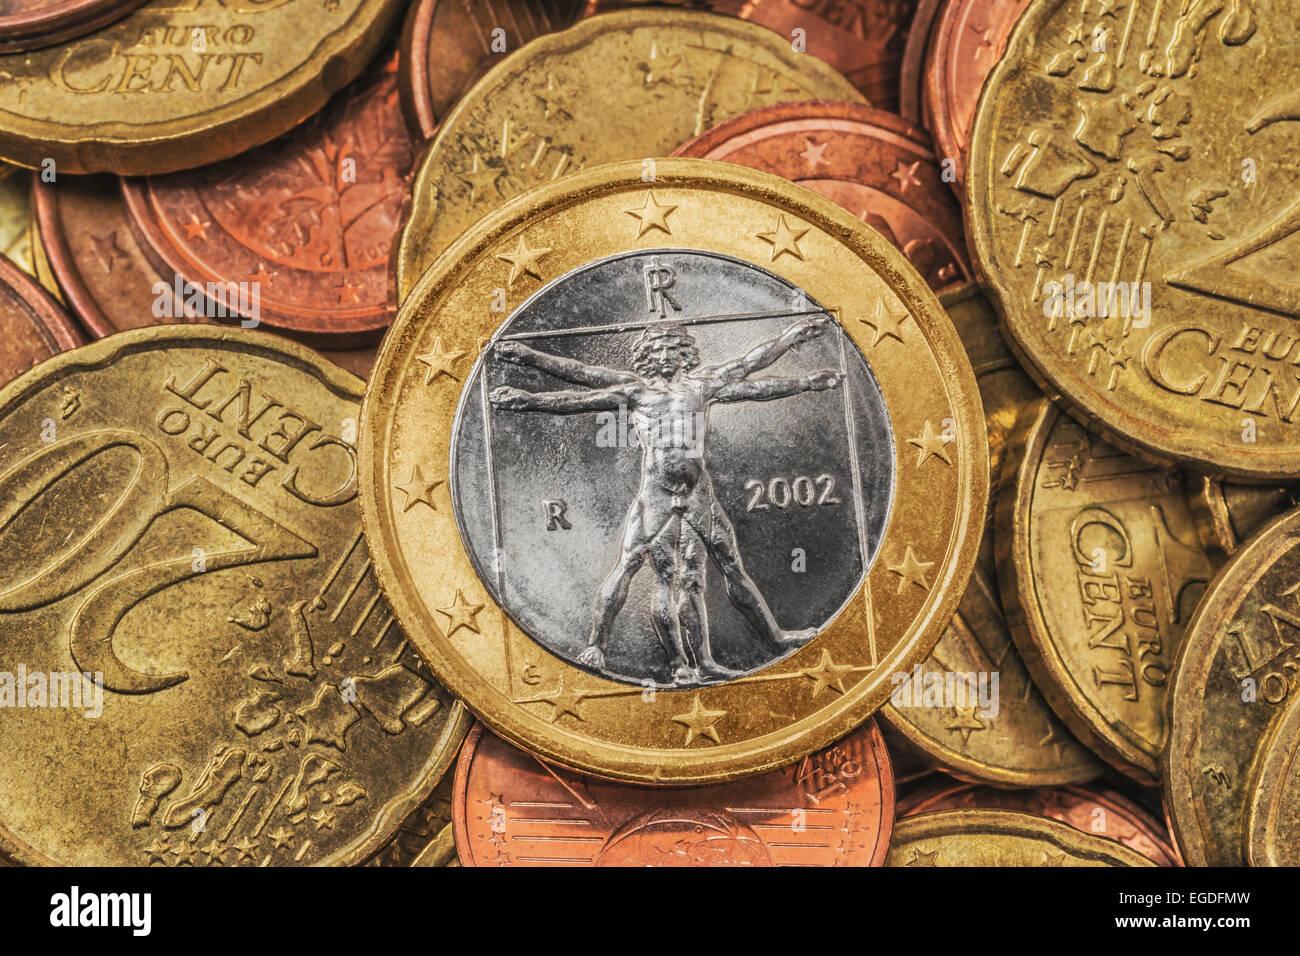 Viele Euro Münzen An Der Spitze Ist Eine 1 Euro Münze Aus Italien